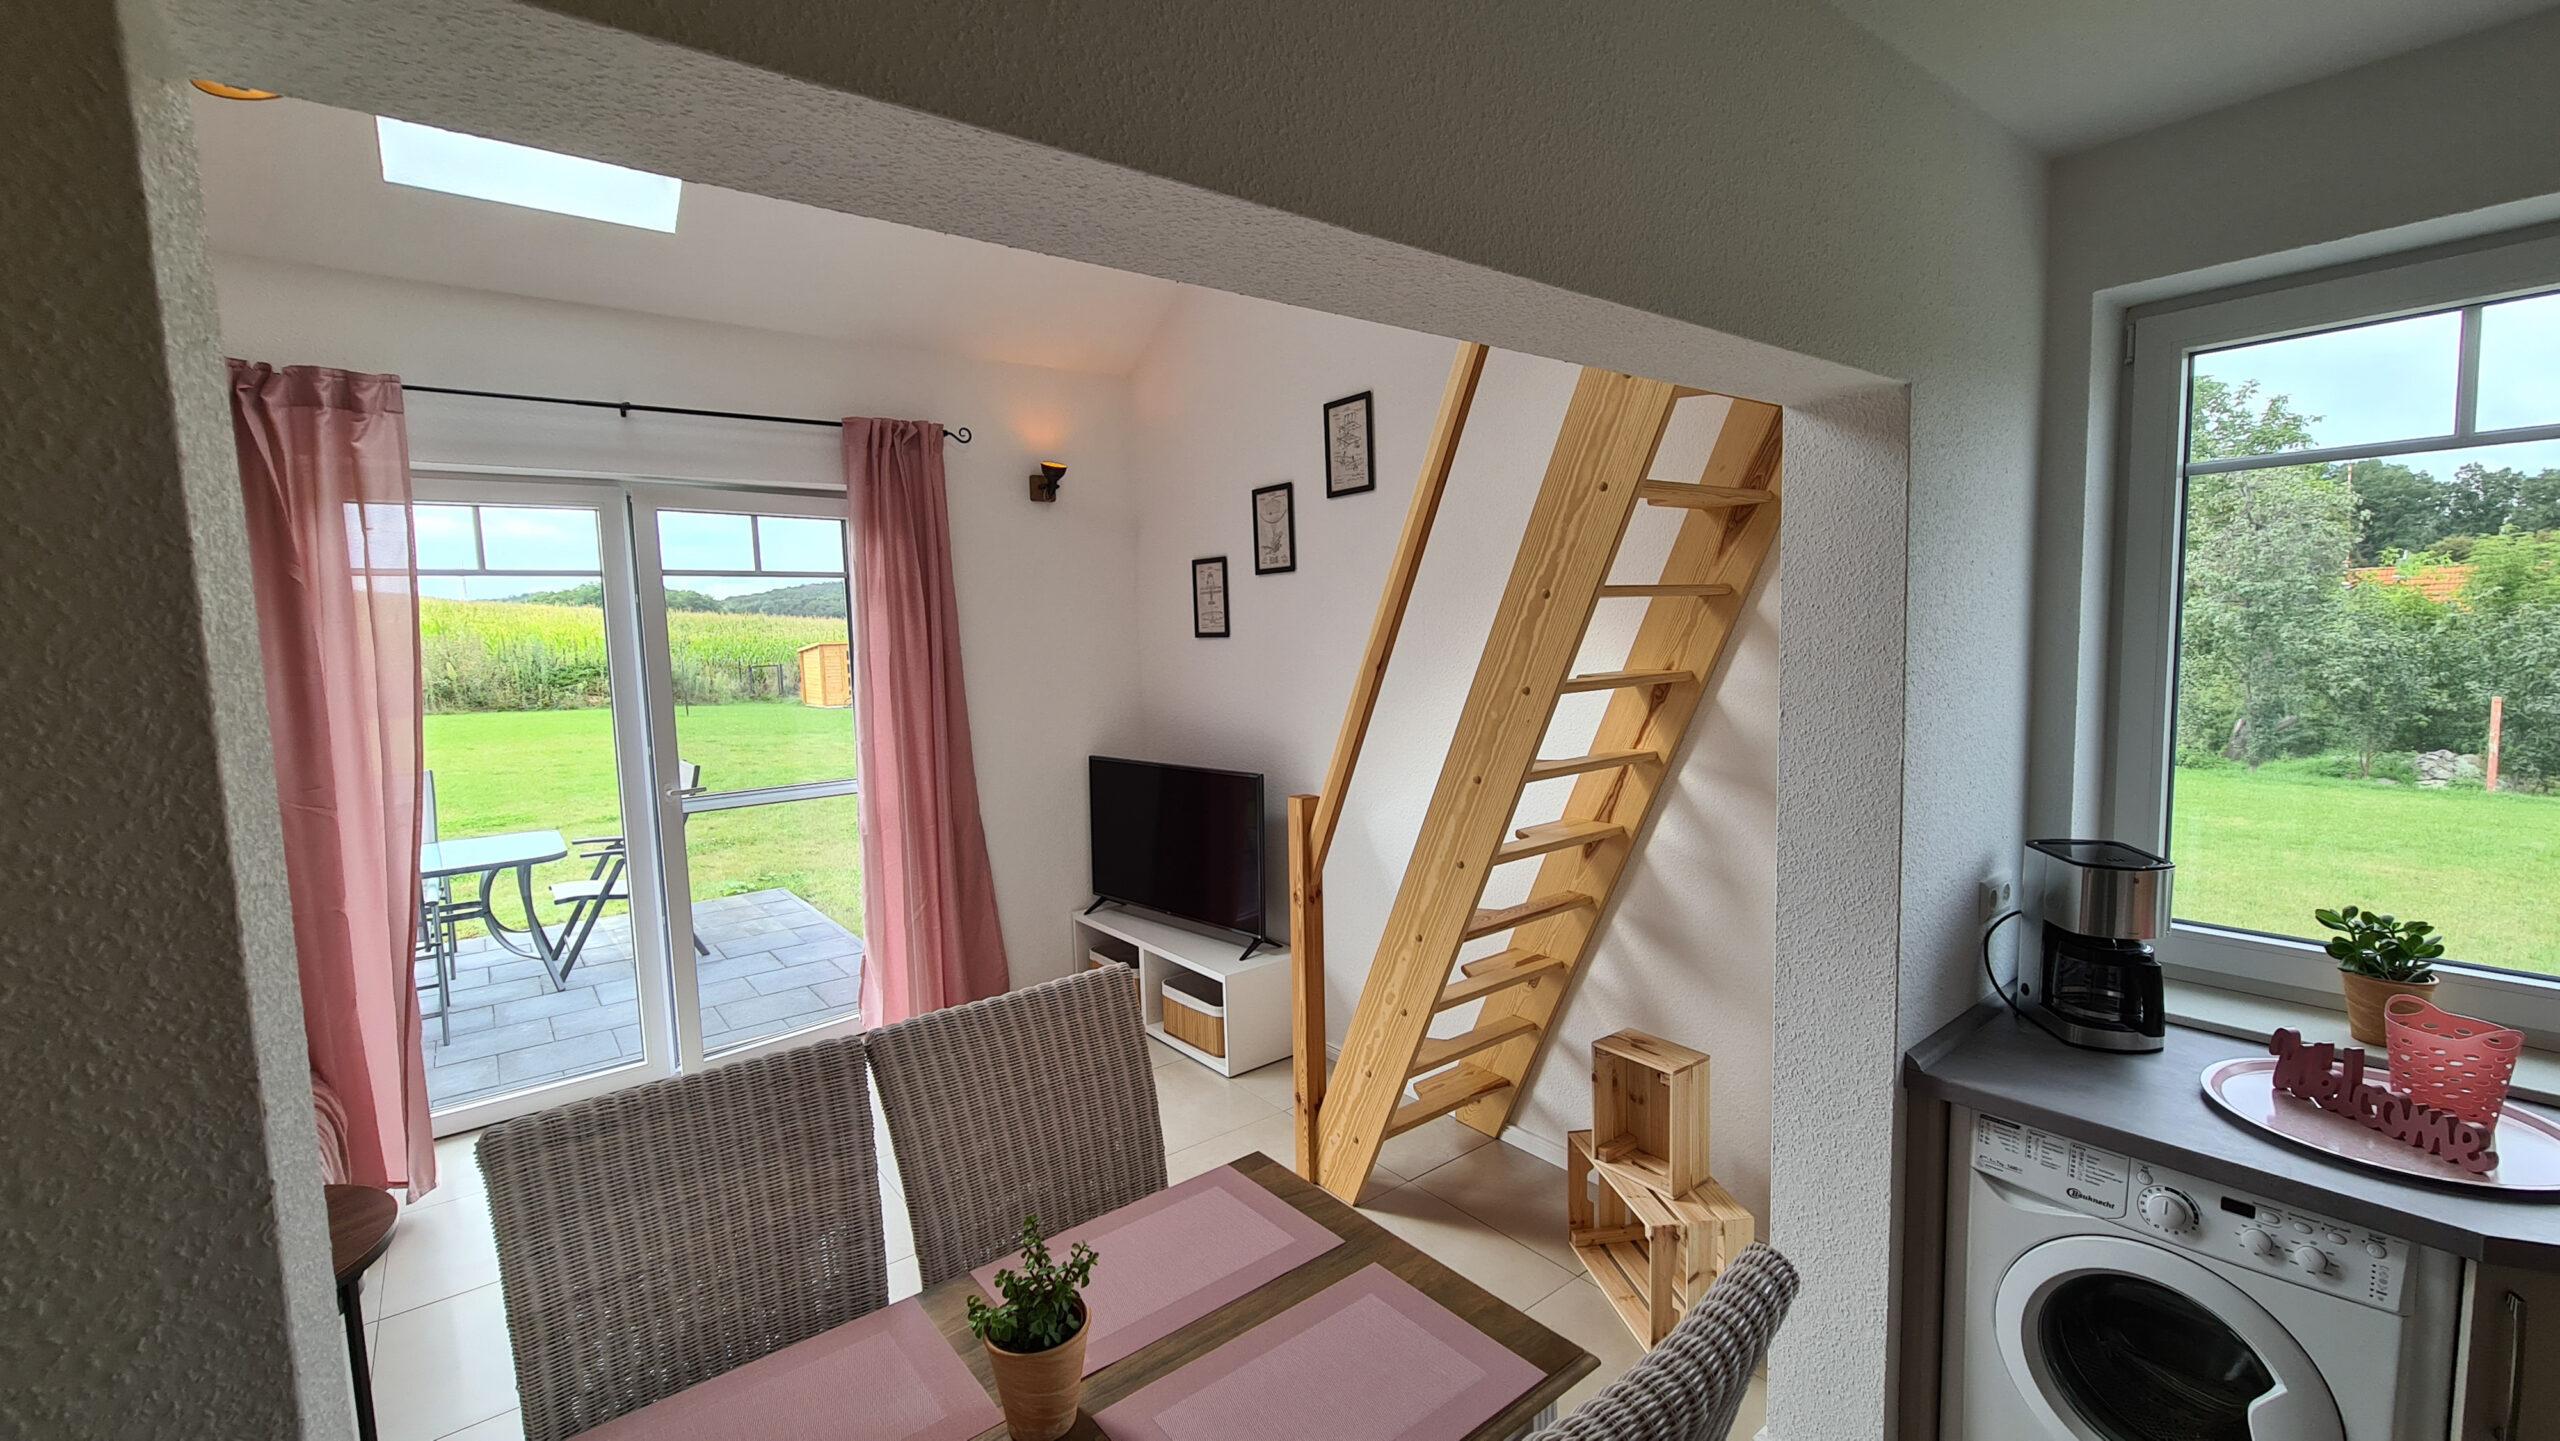 Ferienhaus-am-Fliegerpark blick auf Essbereich und Wohnzimmer in Stölln